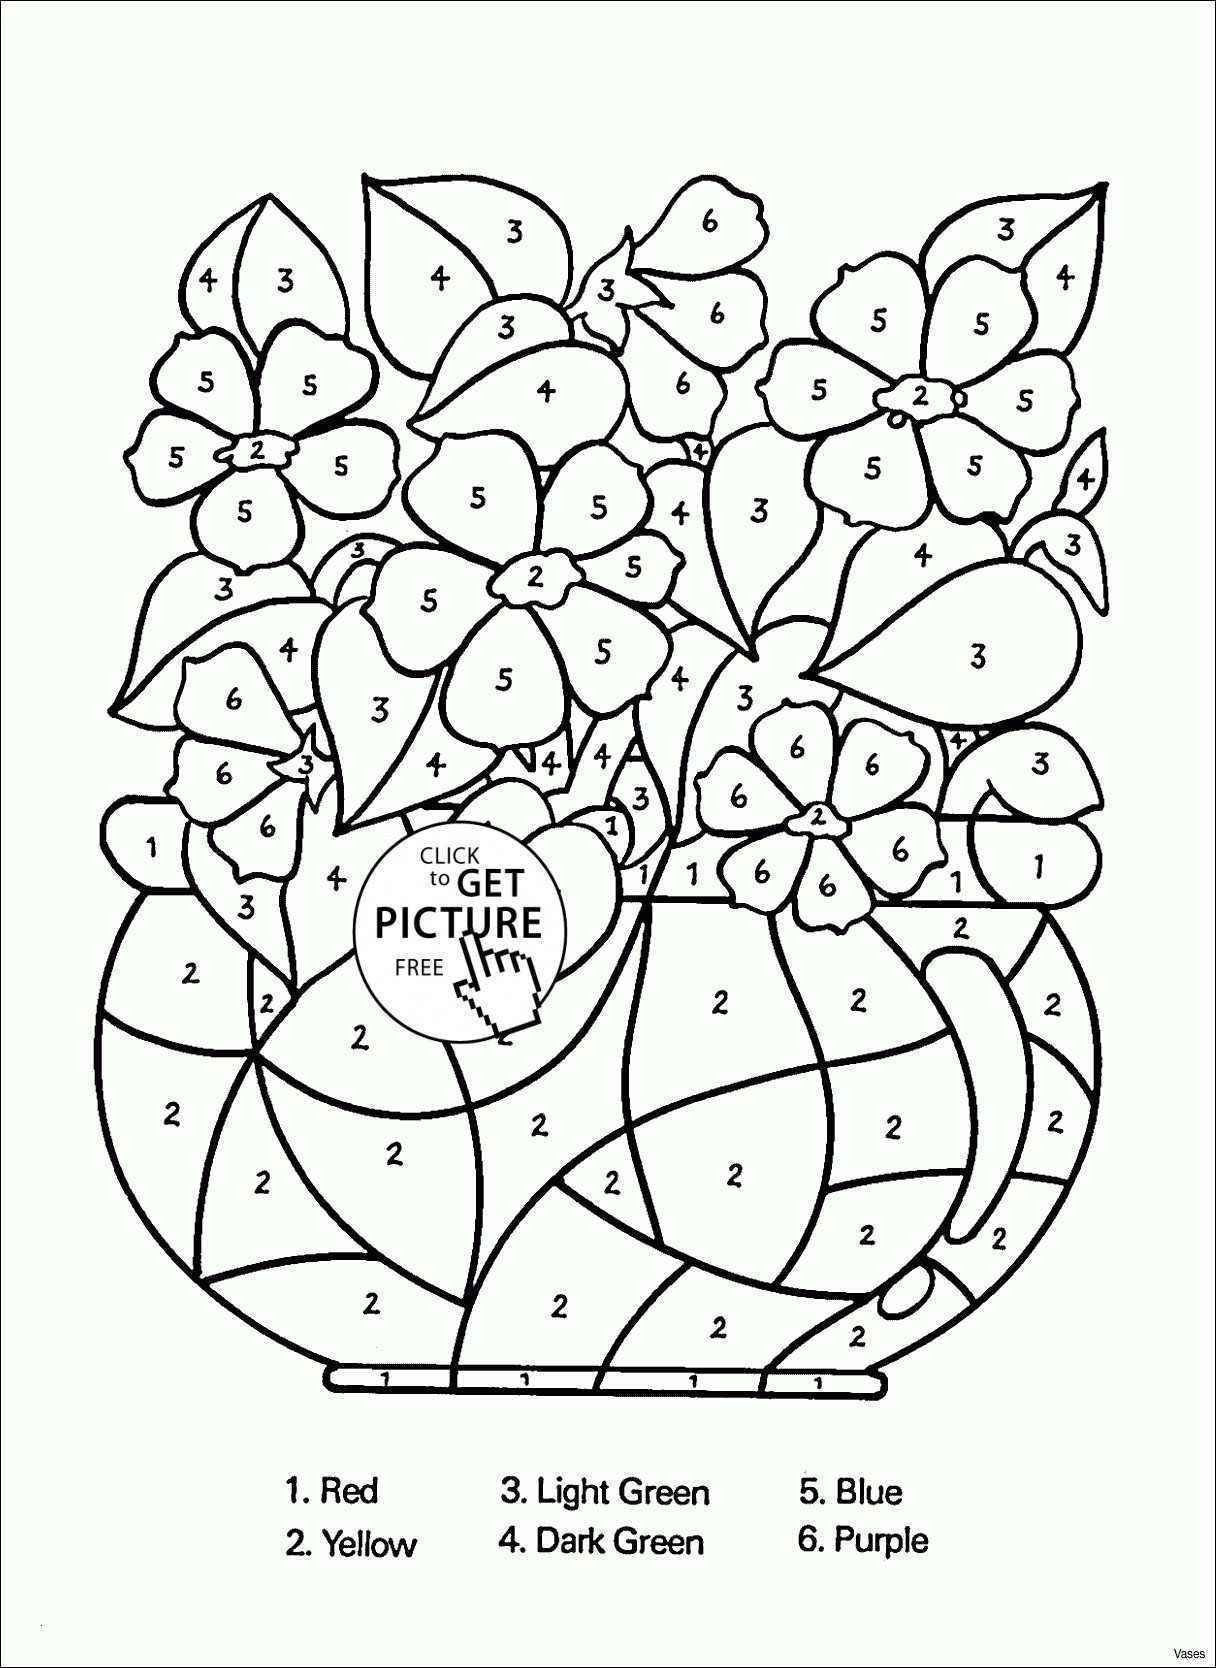 Malvorlagen Weihnachten Disney Genial Micky Maus Zum Ausmalen 35 Micky Maus Ausmalbilder Weihnachten Das Bild